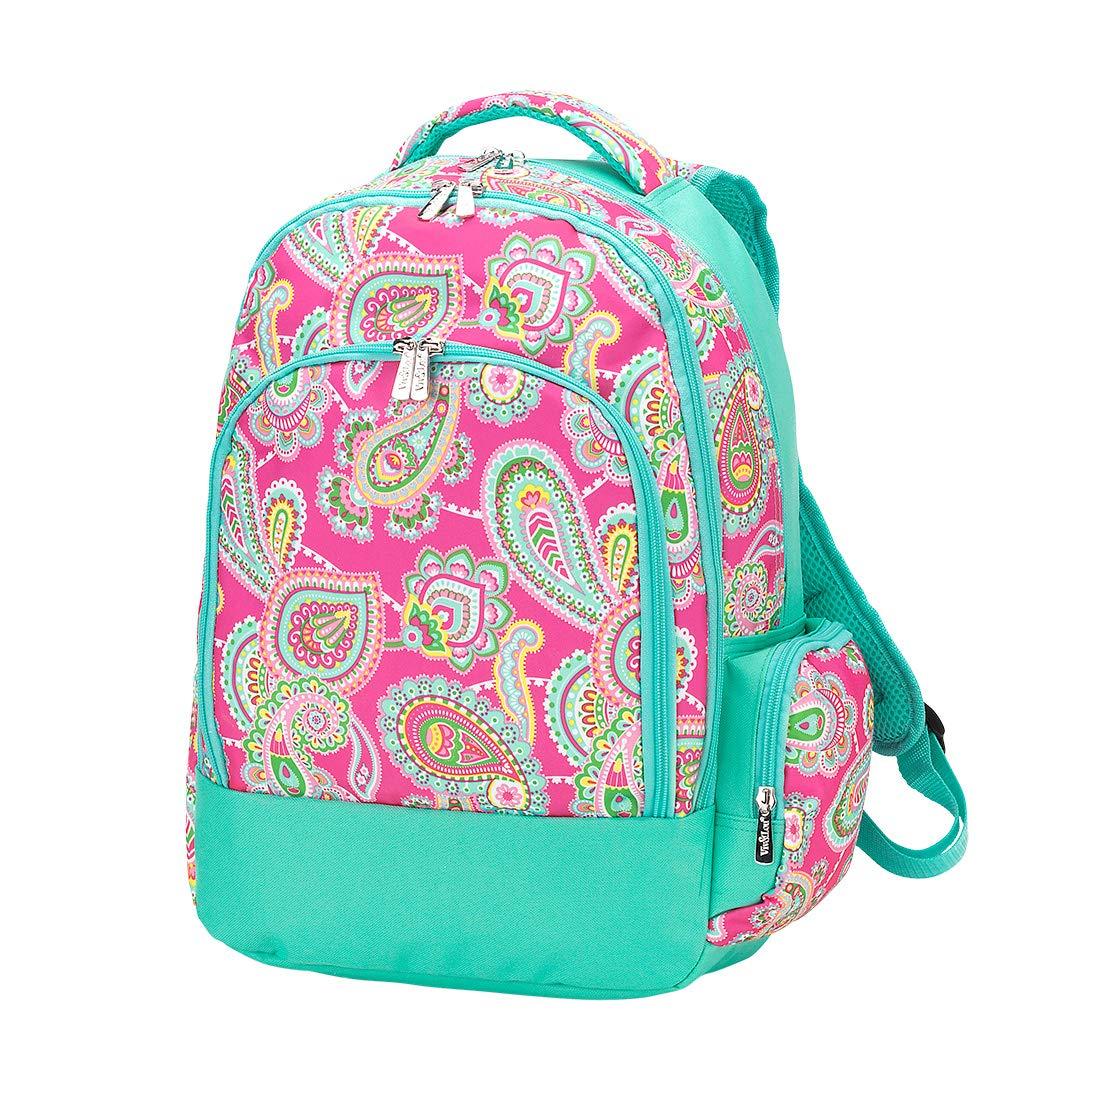 Wholesale Boutique Lizzie Backpack by Wholesale Boutique